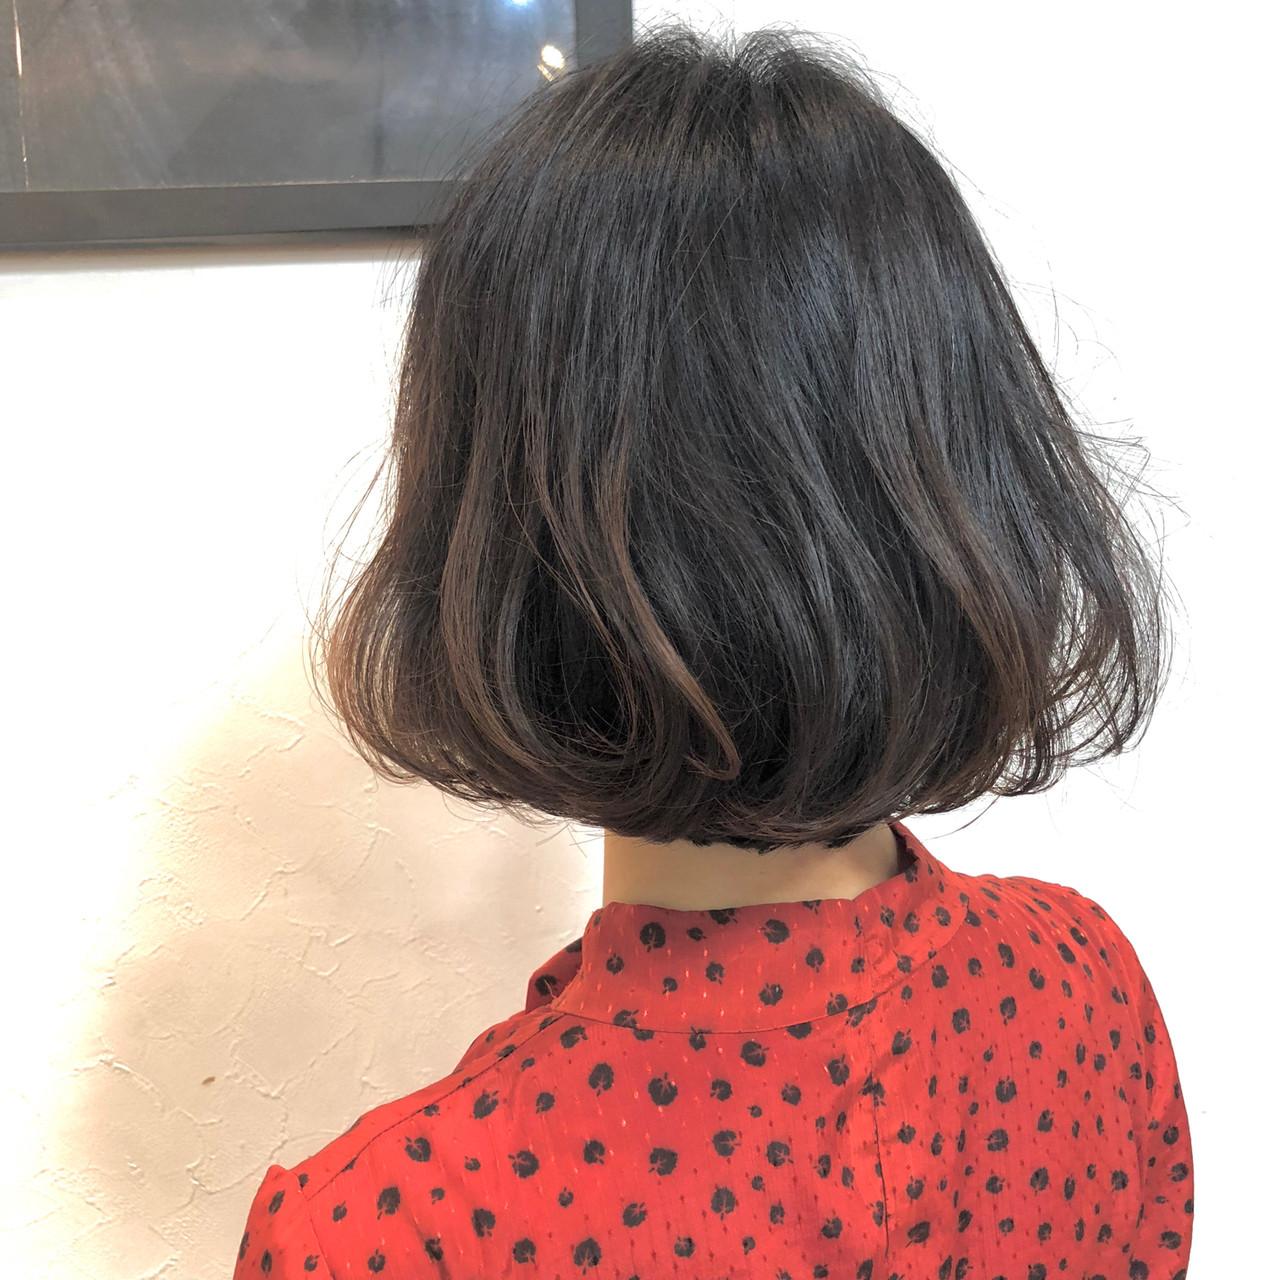 ボブ 簡単ヘアアレンジ フェミニン アンニュイほつれヘア ヘアスタイルや髪型の写真・画像